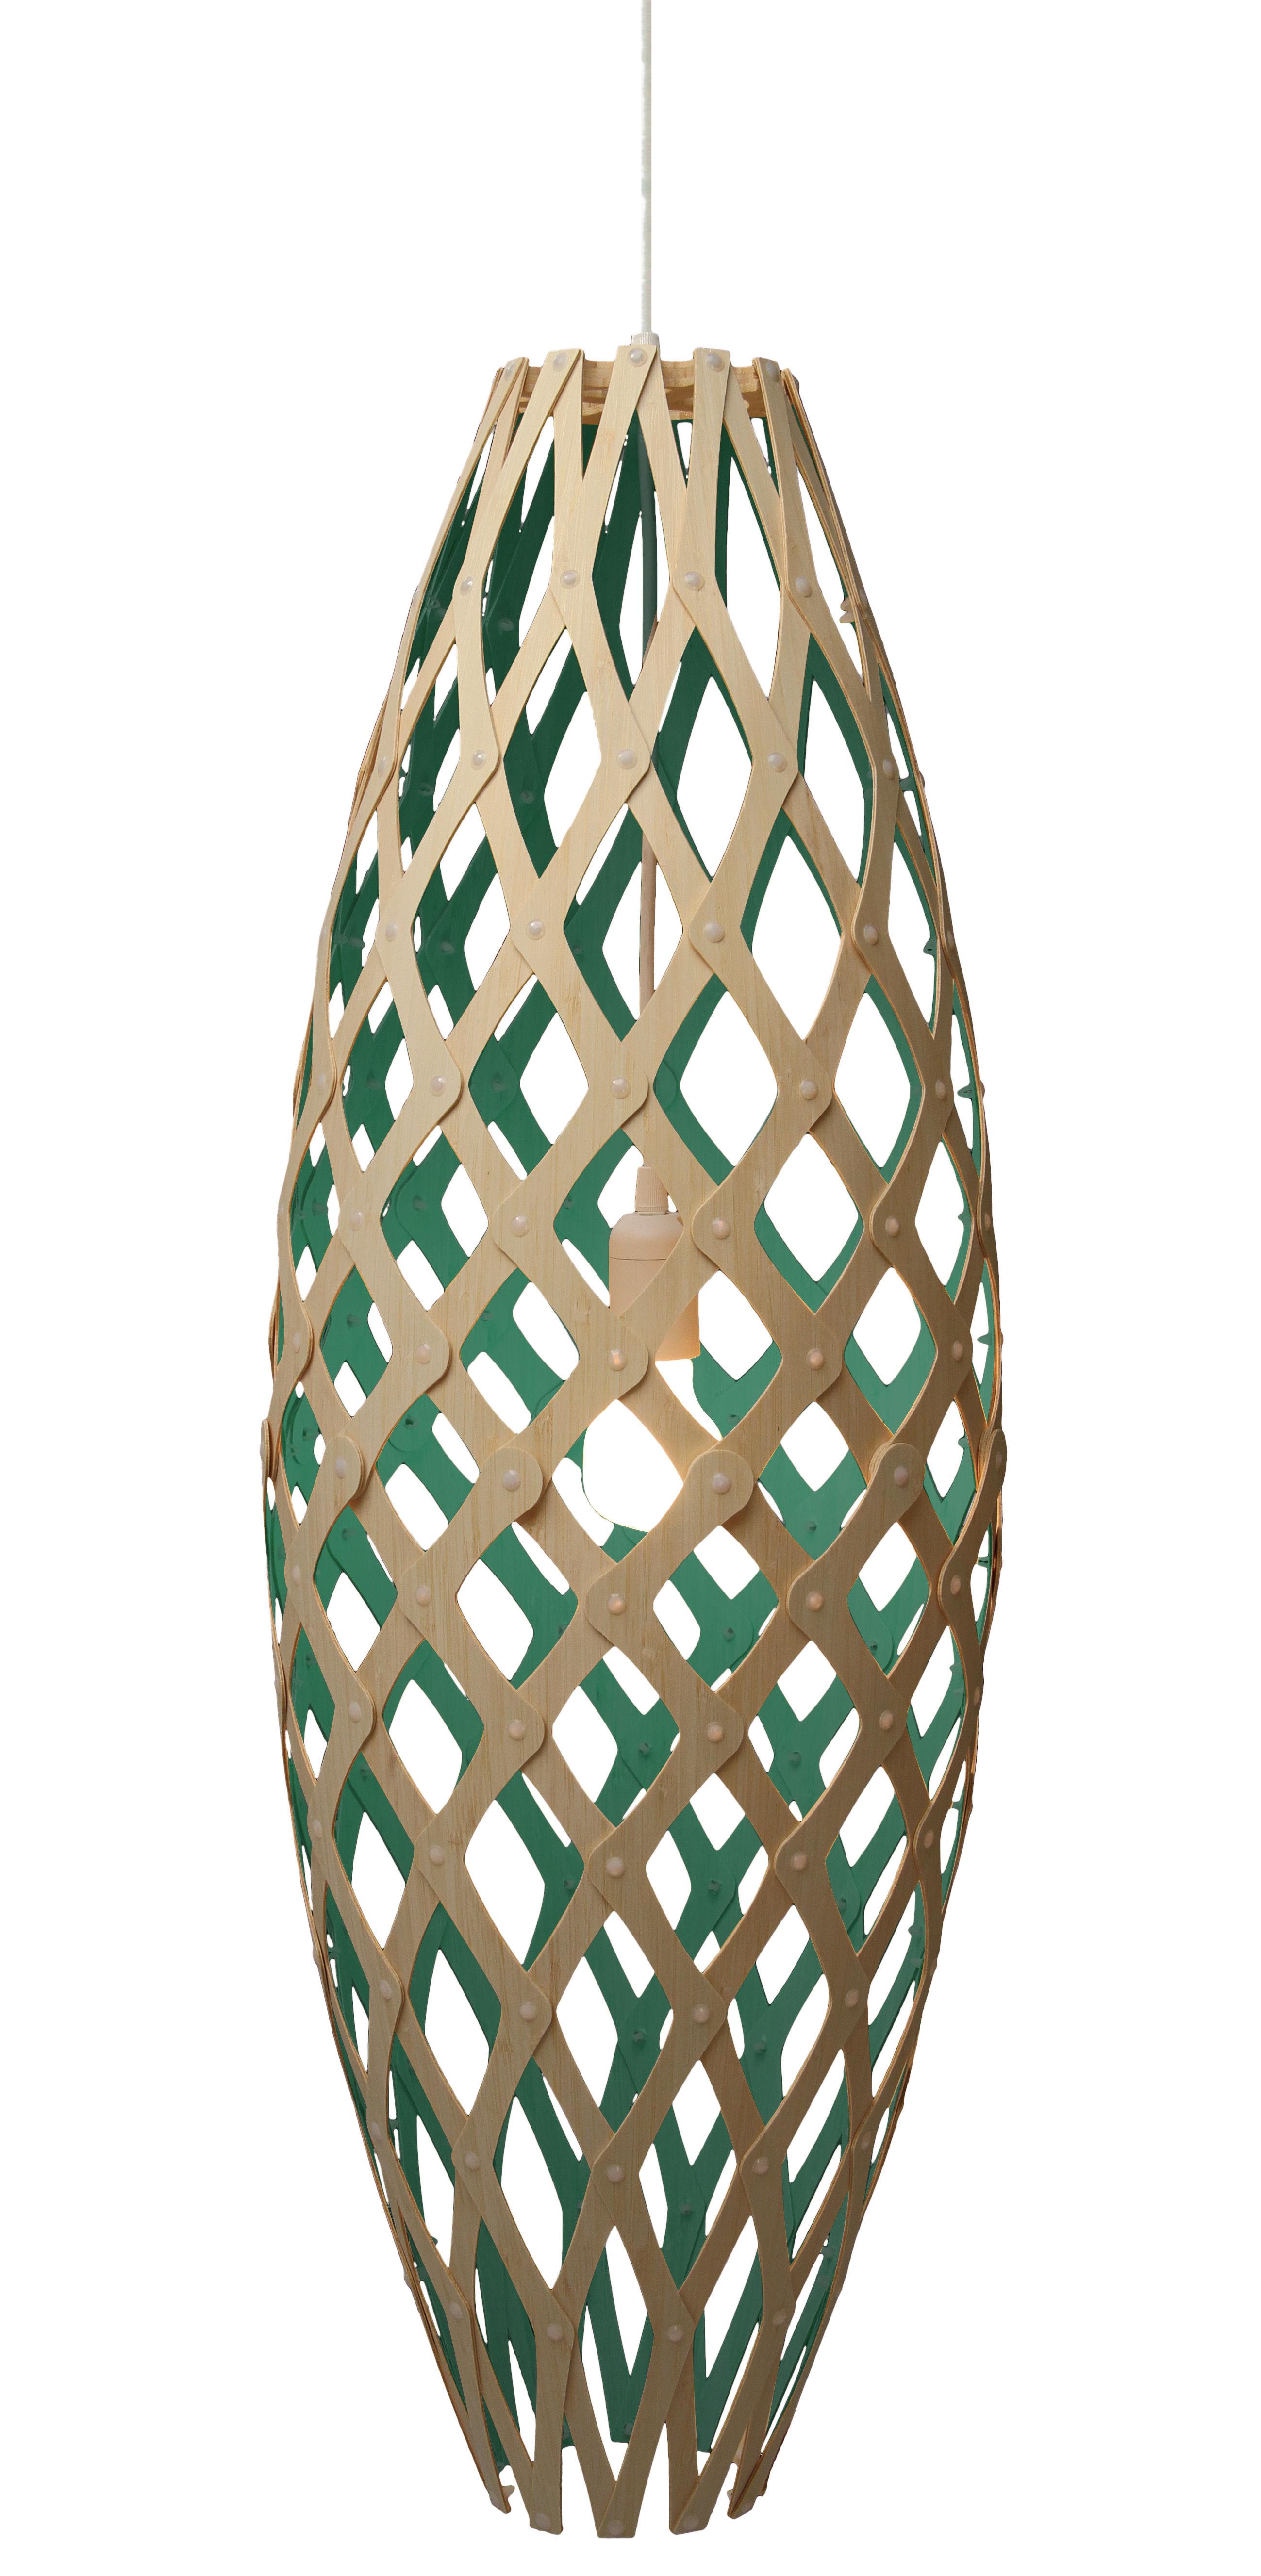 Leuchten - Pendelleuchten - Hinaki Pendelleuchte H 90 cm - zweifarbig - exklusiv - David Trubridge - Wassergrün / Naturholz - Bambus